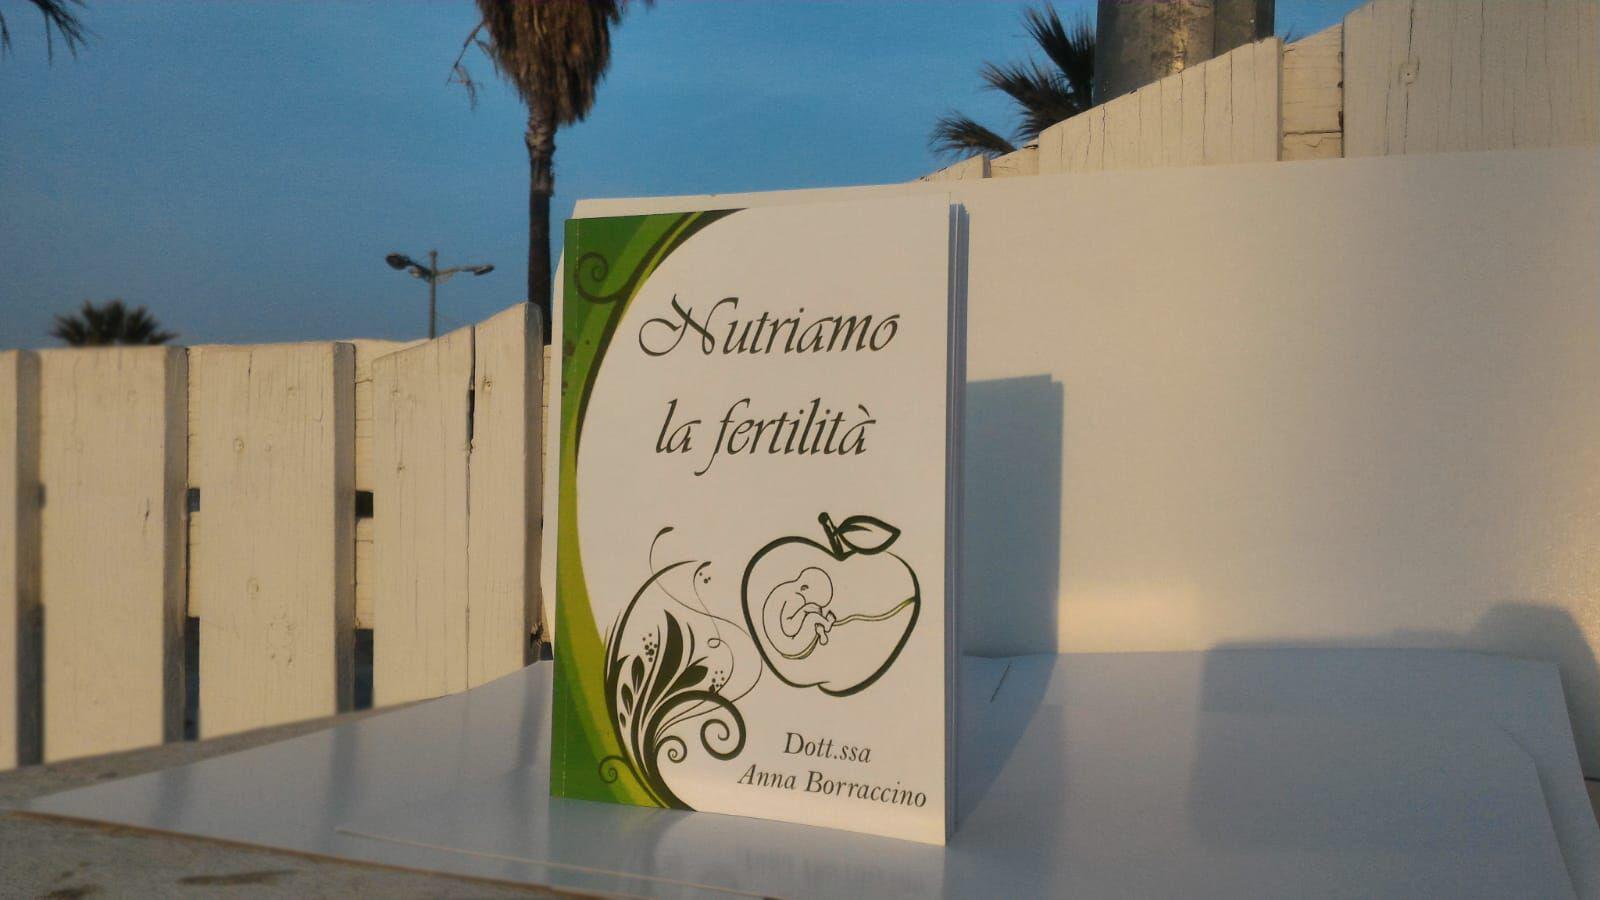 """""""Nutriamo la Fertilità"""" il libro scritto della Dottoressa Anna Borraccino"""